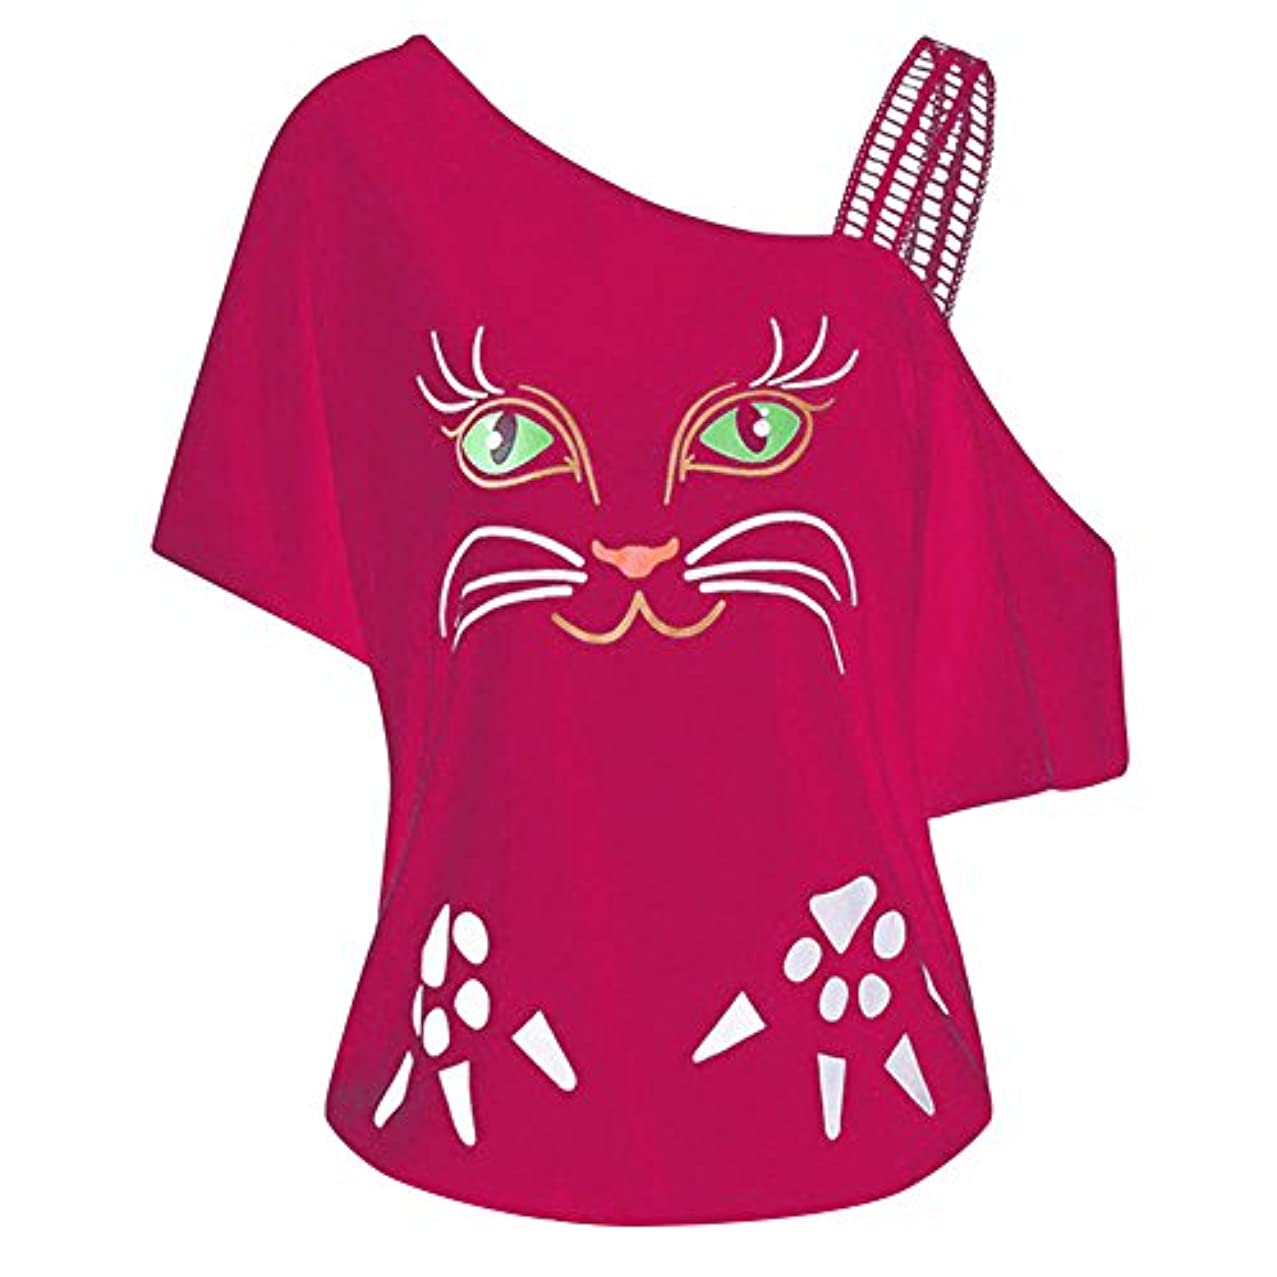 医薬白鳥怖がらせるHosam レディース 洋服 片肩 猫 お洒落 おもしろ プリント Tシャツ お洒落 体型カバ― お呼ばれ 通勤 日常 快適 大きなサイズ シンプルなデザイン 20代30代40代でも (L, ピンク)